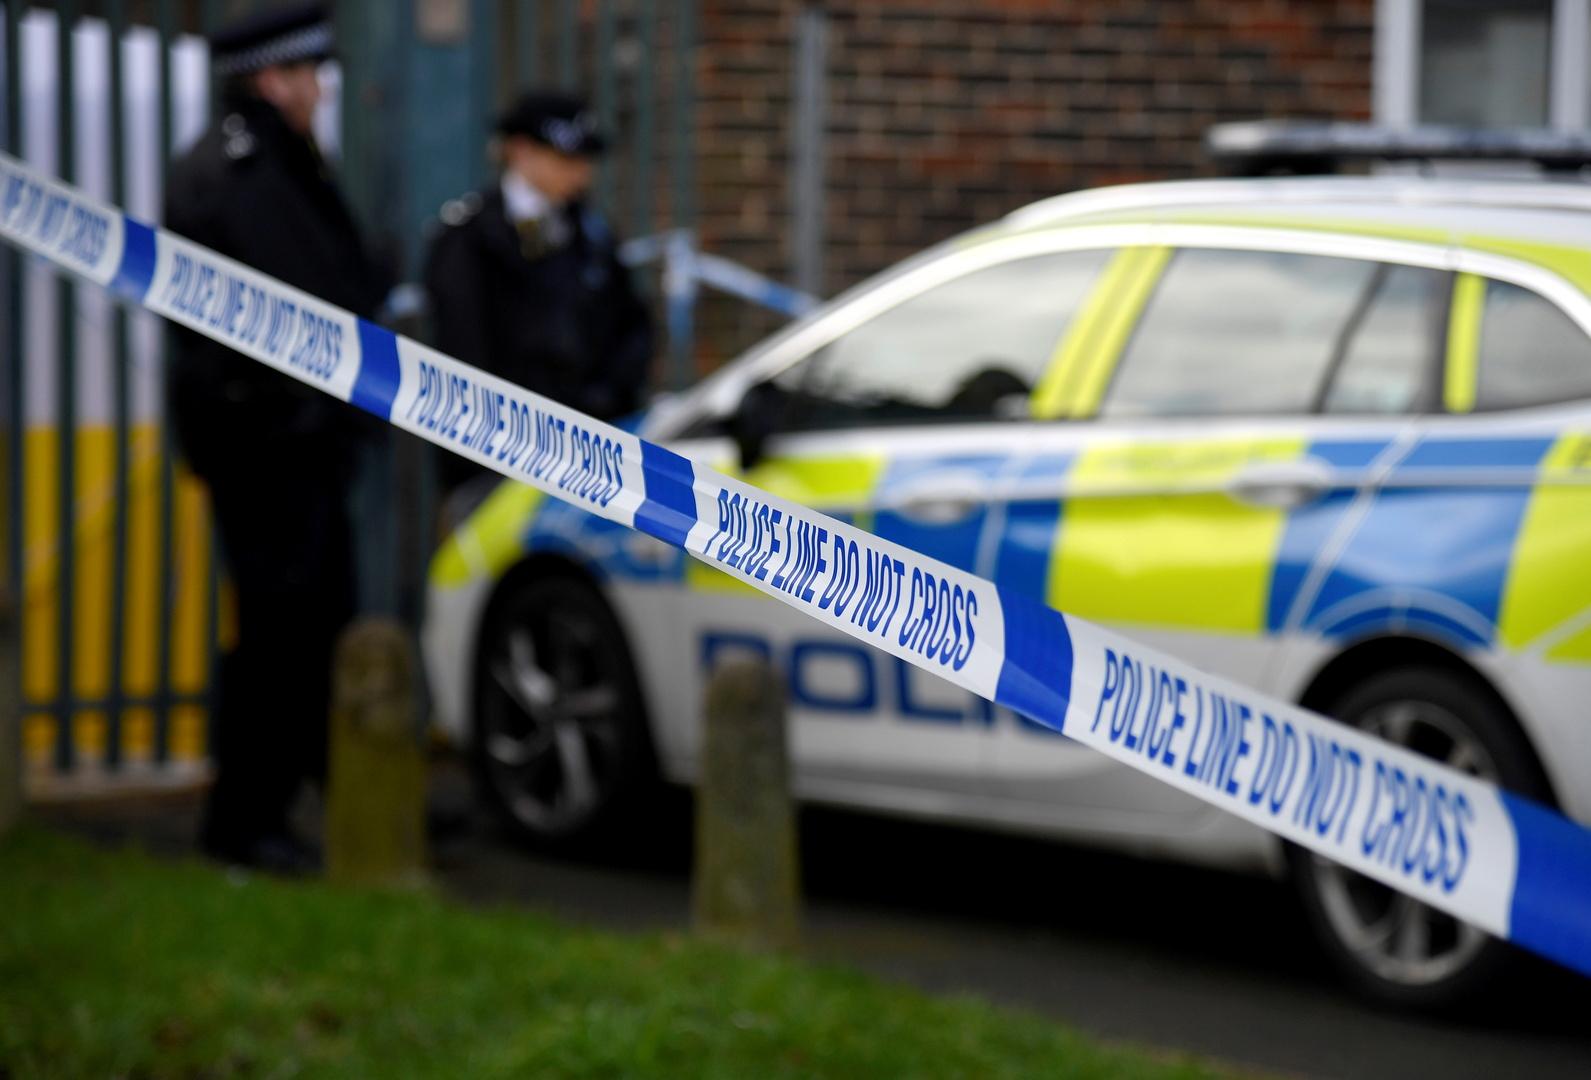 شرطي بريطاني يتعرض لمحاولة ذبح لهذا السبب!